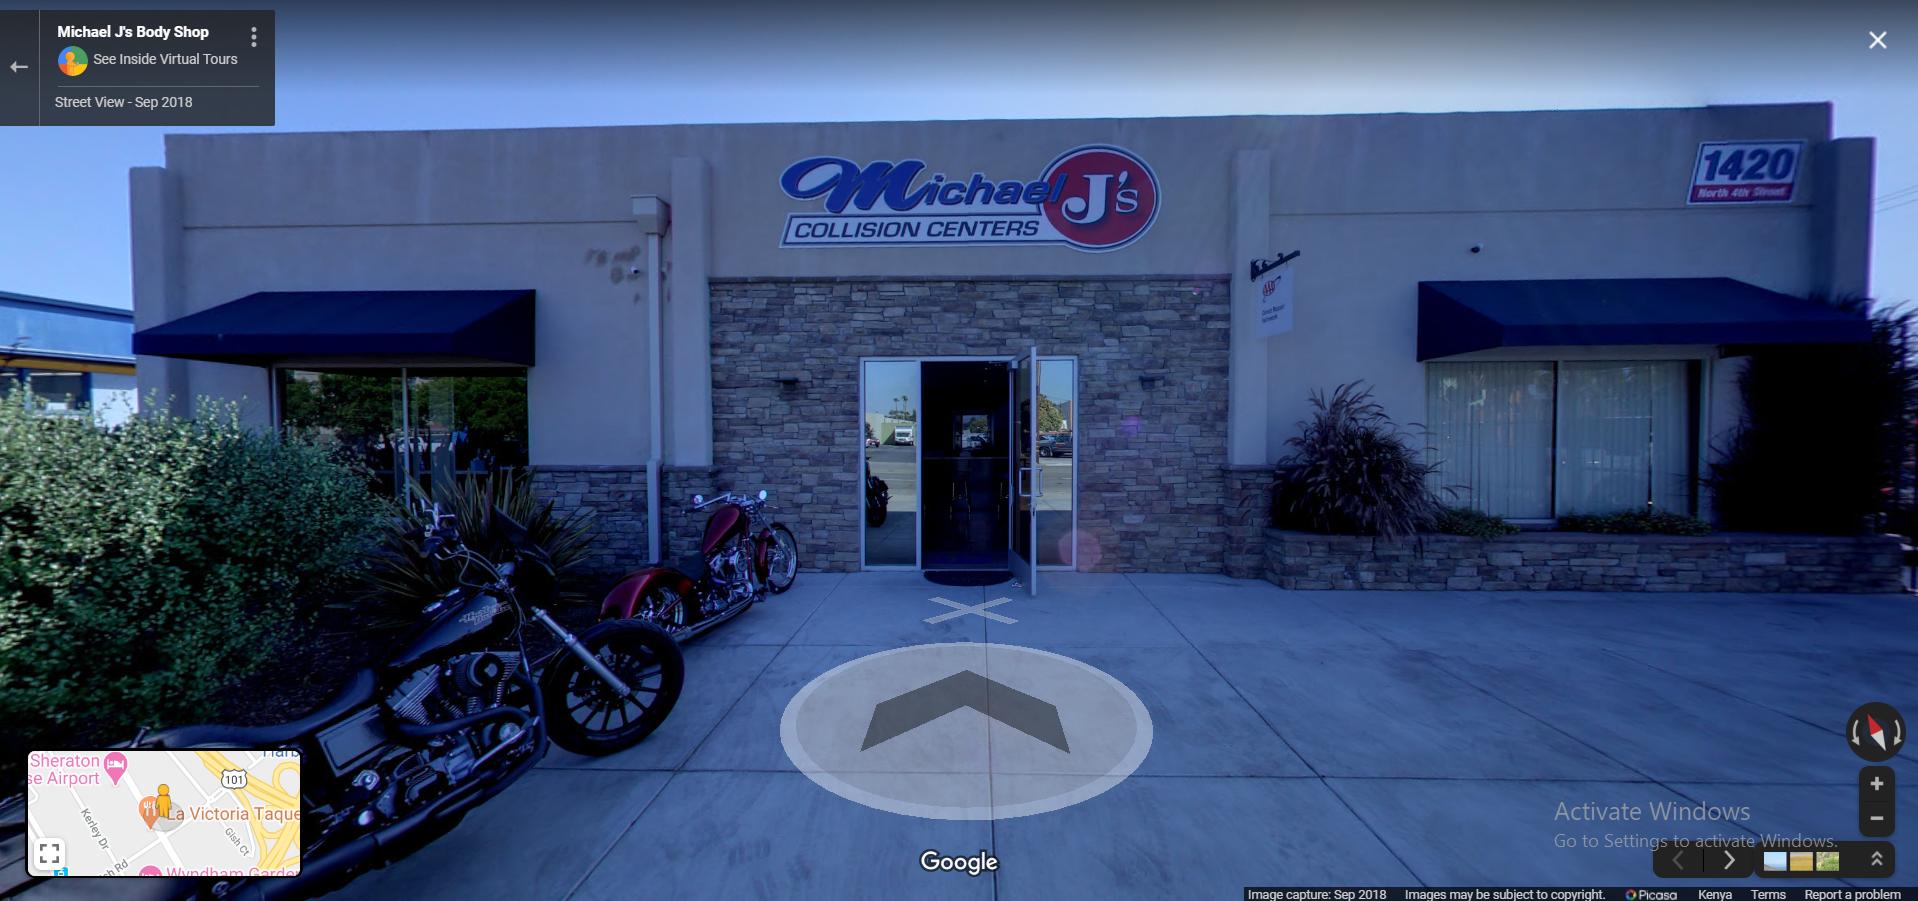 Michael J's Body Shop - San Jose